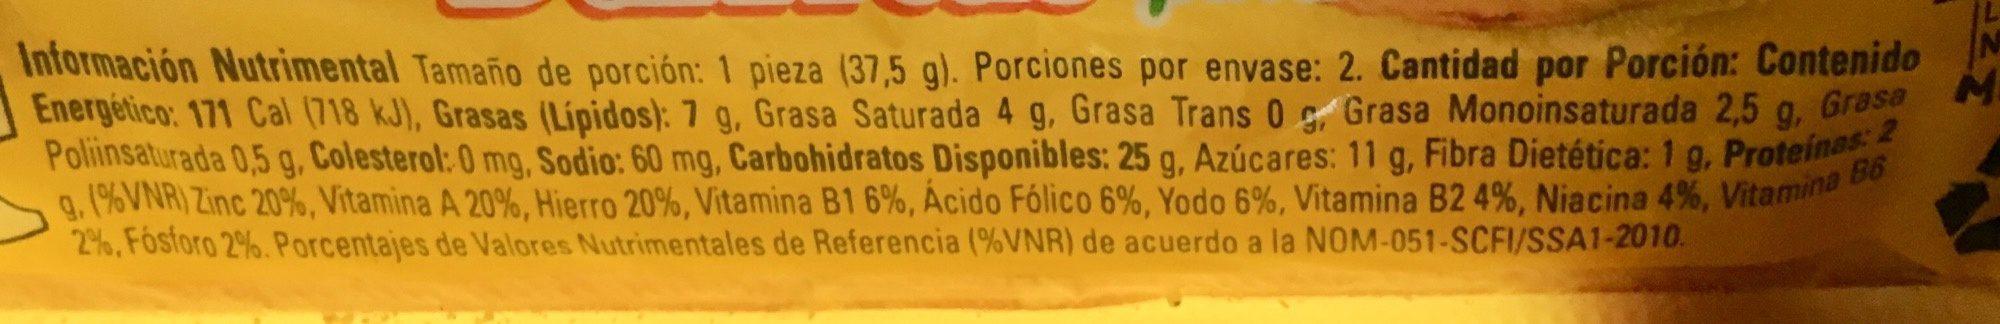 Barritas Piña Marinela - Voedingswaarden - es